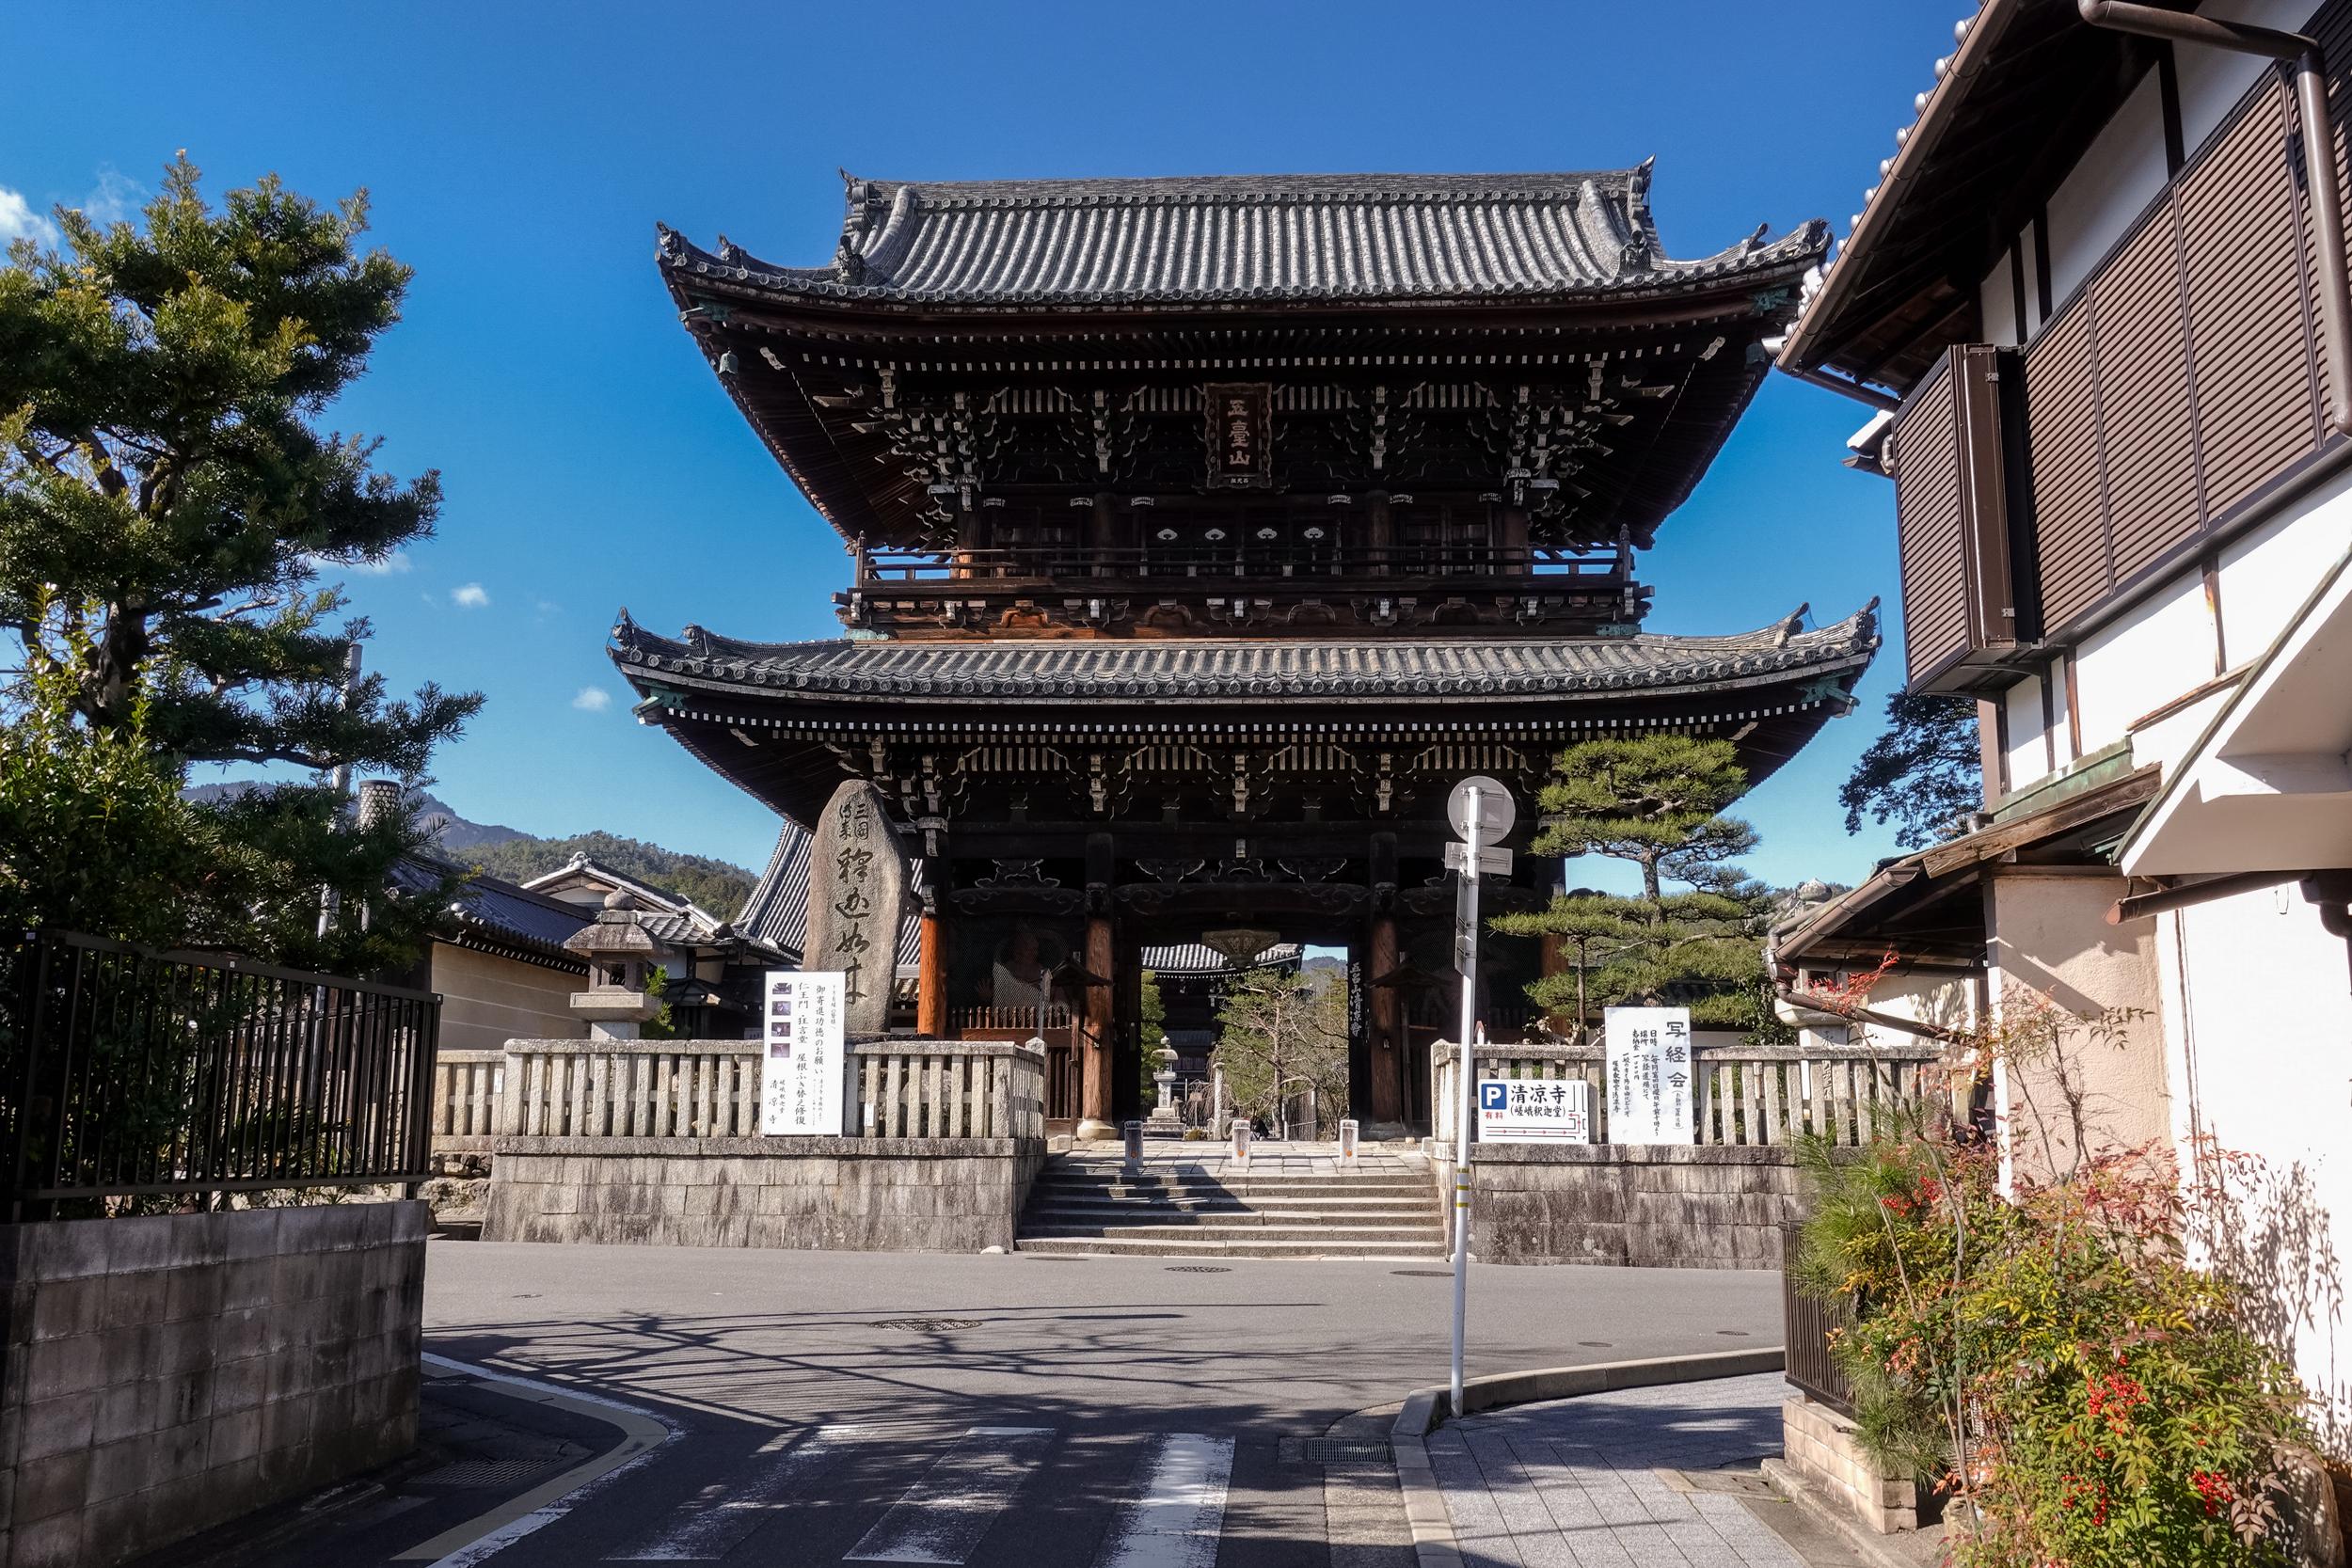 DSC03220 京都府 清凉寺(多宝塔と河津桜の美しい景色! 京都の春におすすめ桜写真スポット!撮影した写真の紹介、 アクセス方法や駐車場など)